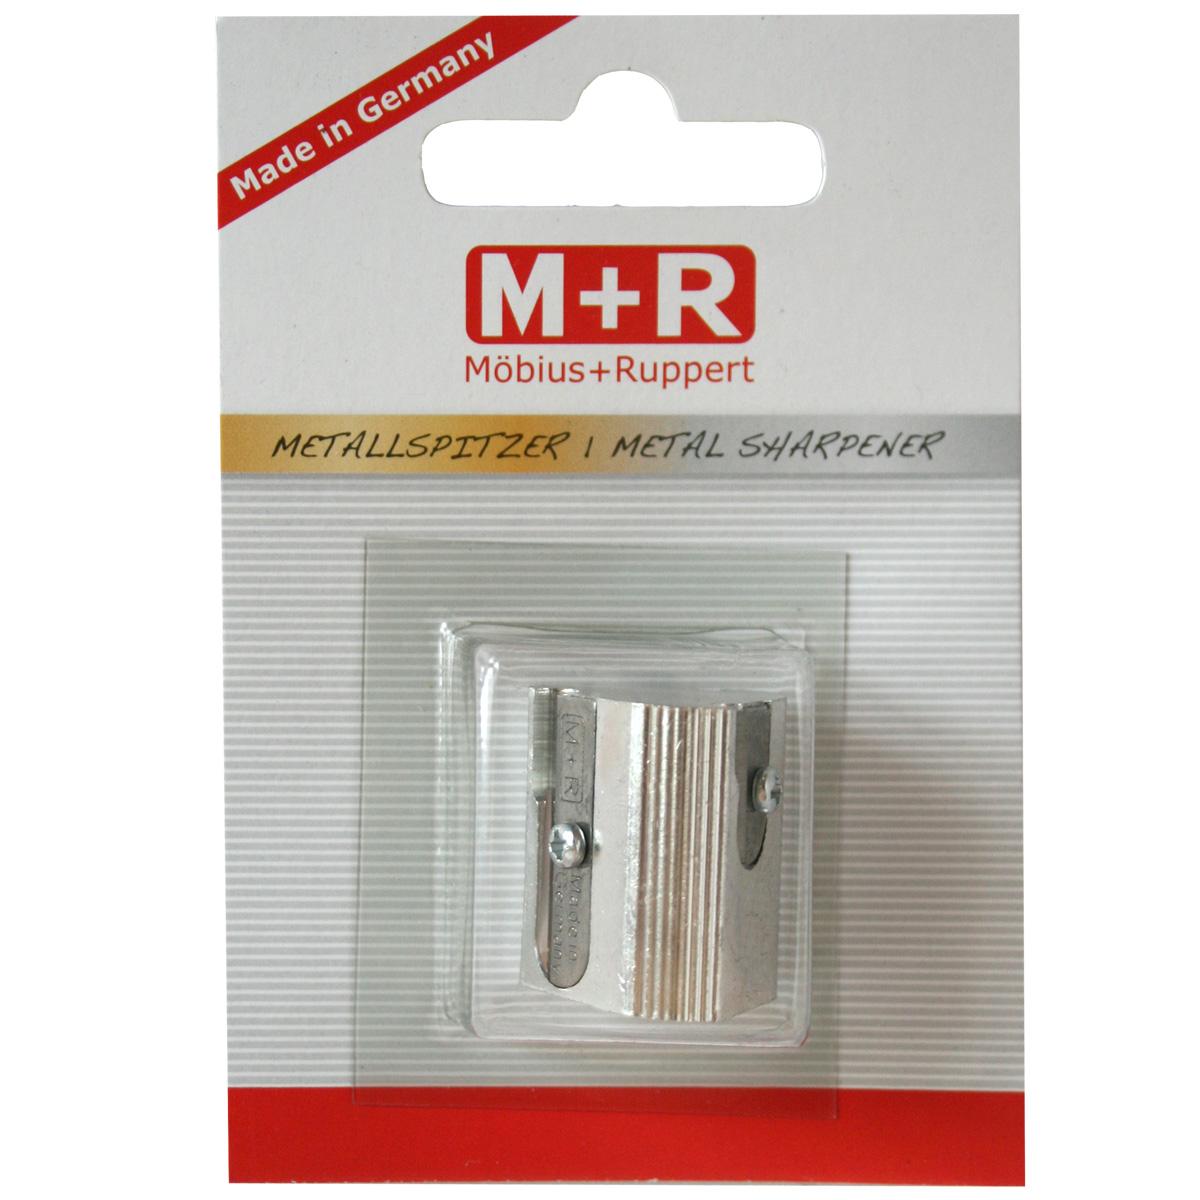 M+R Точилка с тремя отверстиями0207-0002Точилка M+R выполнена из качественного металла. В точилке имеются три отверстия для карандашей стандартного диаметра. Точилка подходит для заточки чернографитных и цветных карандашей. Эргономичная оригинальная форма сделает эту точилку незаменимым аксессуаром среди ваших канцелярских принадлежностей.